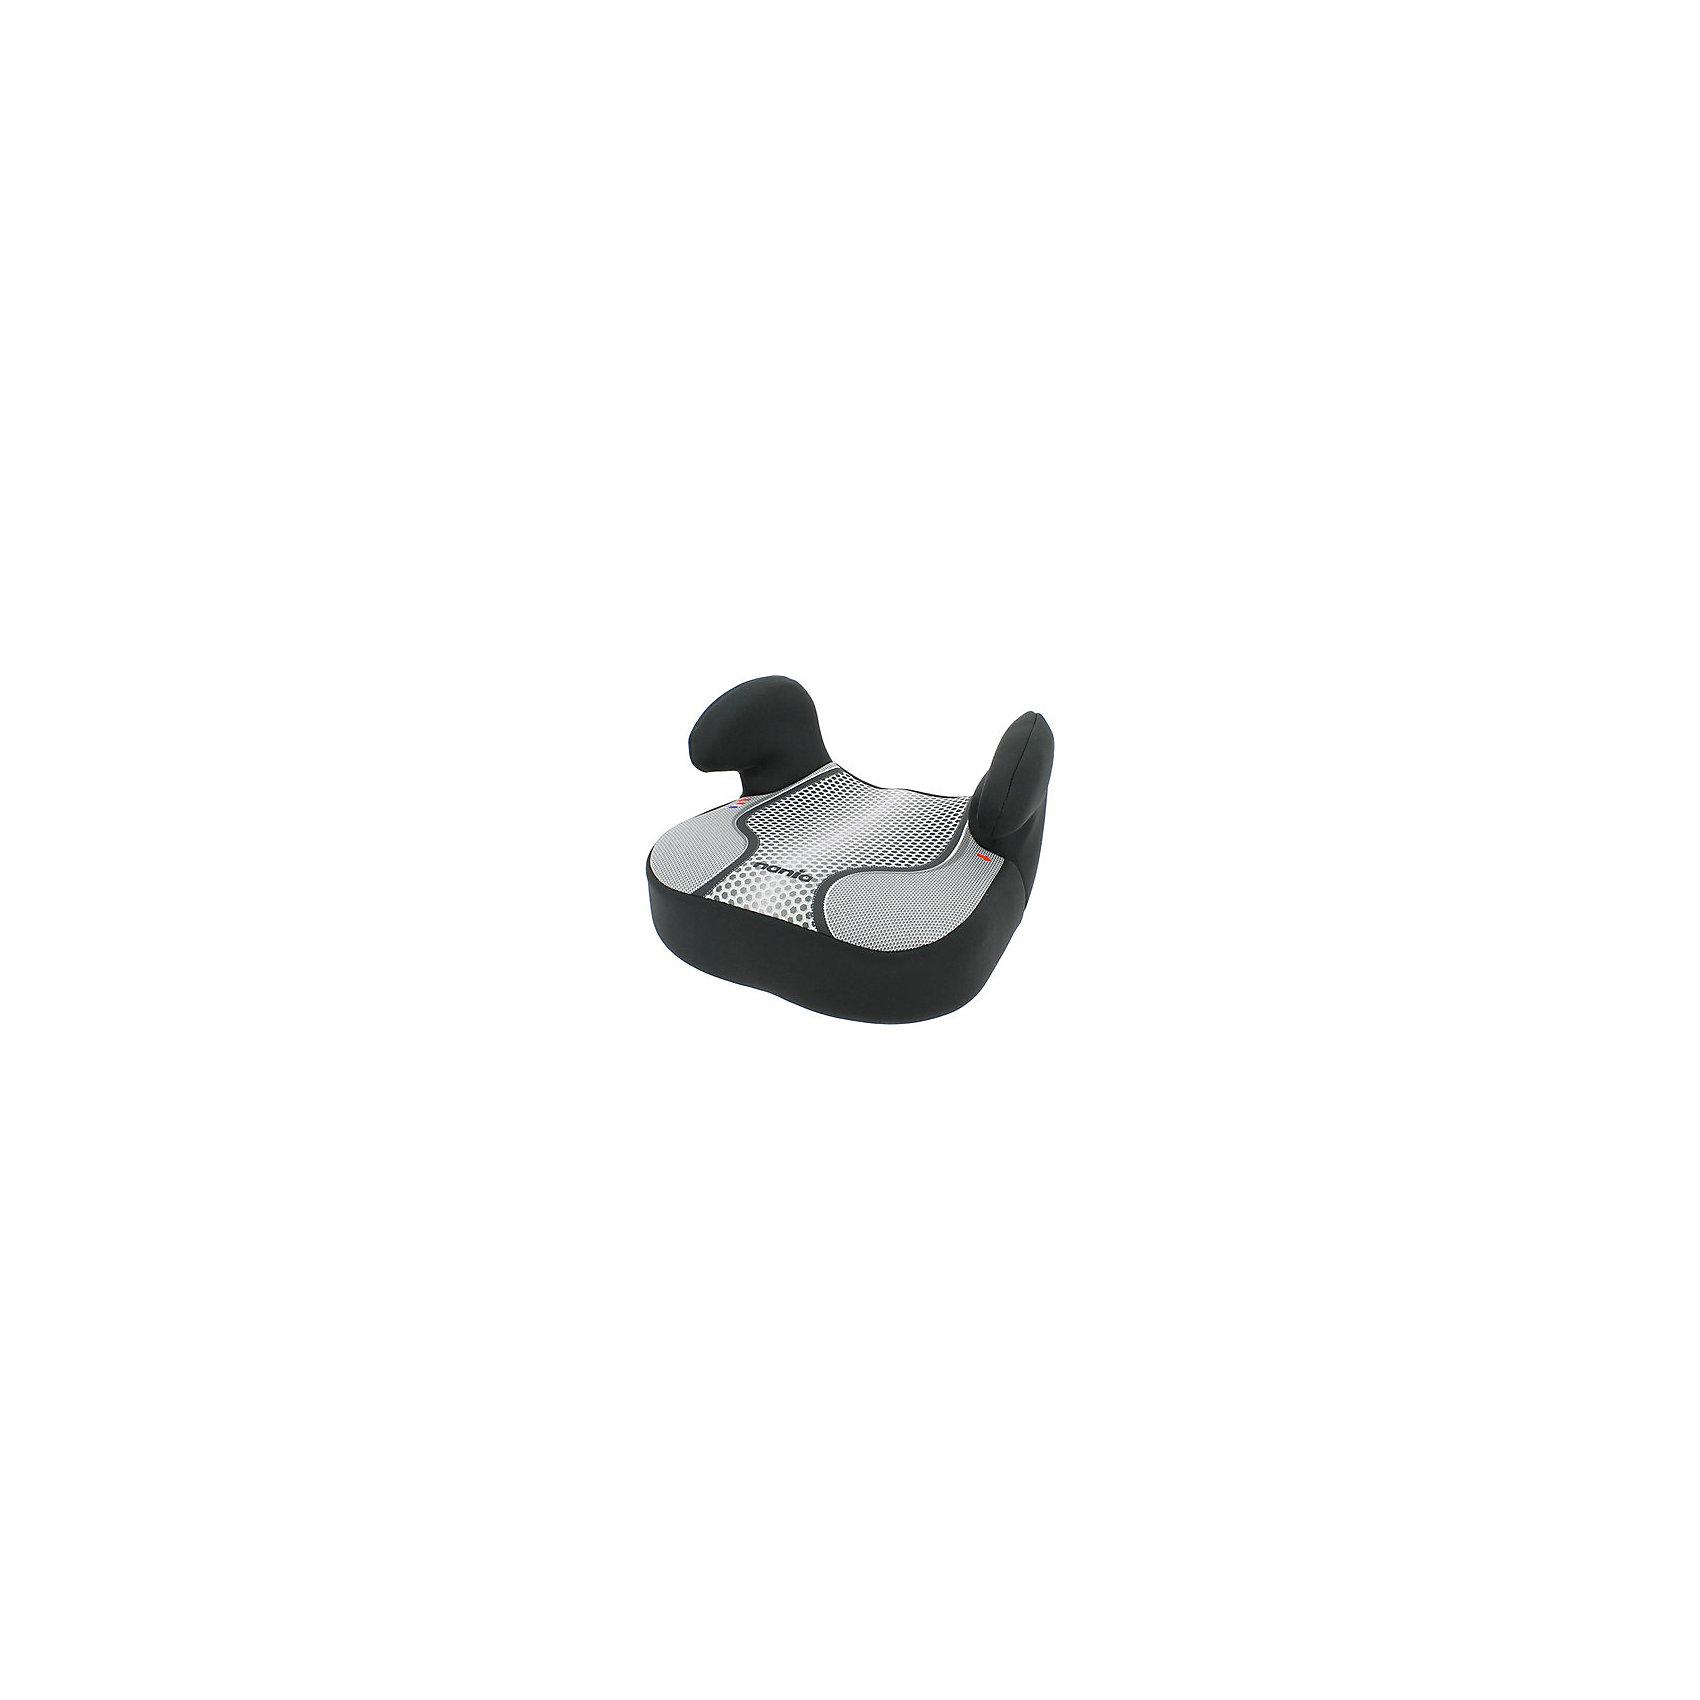 Бустер Dream FST 15-36 кг., Nania, pop blackБустер Dream FST от Nania позволит перевозить ребенка, не беспокоясь при этом о его безопасности. Он предназначен для детей весом от 15 до 36 килограмм. Такой бустер обеспечит малышу не только безопасность, но и комфорт. Ребенок закрепляется  штатными автомобильными ремнями безопасности. Подлокотники обеспечат малышу дополнительное удобство.<br>Автокресло устанавливают по ходу движения. Бустер ставится в автомобилях с трехточечными ремнями безопасности на заднем сиденье с краю. Такое кресло дает возможность свободно путешествовать, ездить в гости и при этом  быть рядом с малышом. Конструкция - очень удобная и прочная. Изделие произведено из качественных и безопасных для малышей материалов, оно соответствуют всем современным требованиям безопасности. Дополнено съемным чехлом, который можно стирать. Соответствует Европейскому Стандарту Безопасности ECE R44/03.<br> <br>Дополнительная информация:<br><br>цвет: черный;<br>подлокотники;<br>материал: текстиль, пластик;<br>вес ребенка:  15 до 36 кг;<br>вес кресла: 6,7 кг;<br>съемный чехол.<br><br>Бустер Dream FST 15-36 кг., rock от компании Nania можно купить в нашем магазине.<br><br>Ширина мм: 410<br>Глубина мм: 430<br>Высота мм: 260<br>Вес г: 6720<br>Возраст от месяцев: 36<br>Возраст до месяцев: 144<br>Пол: Унисекс<br>Возраст: Детский<br>SKU: 4860495